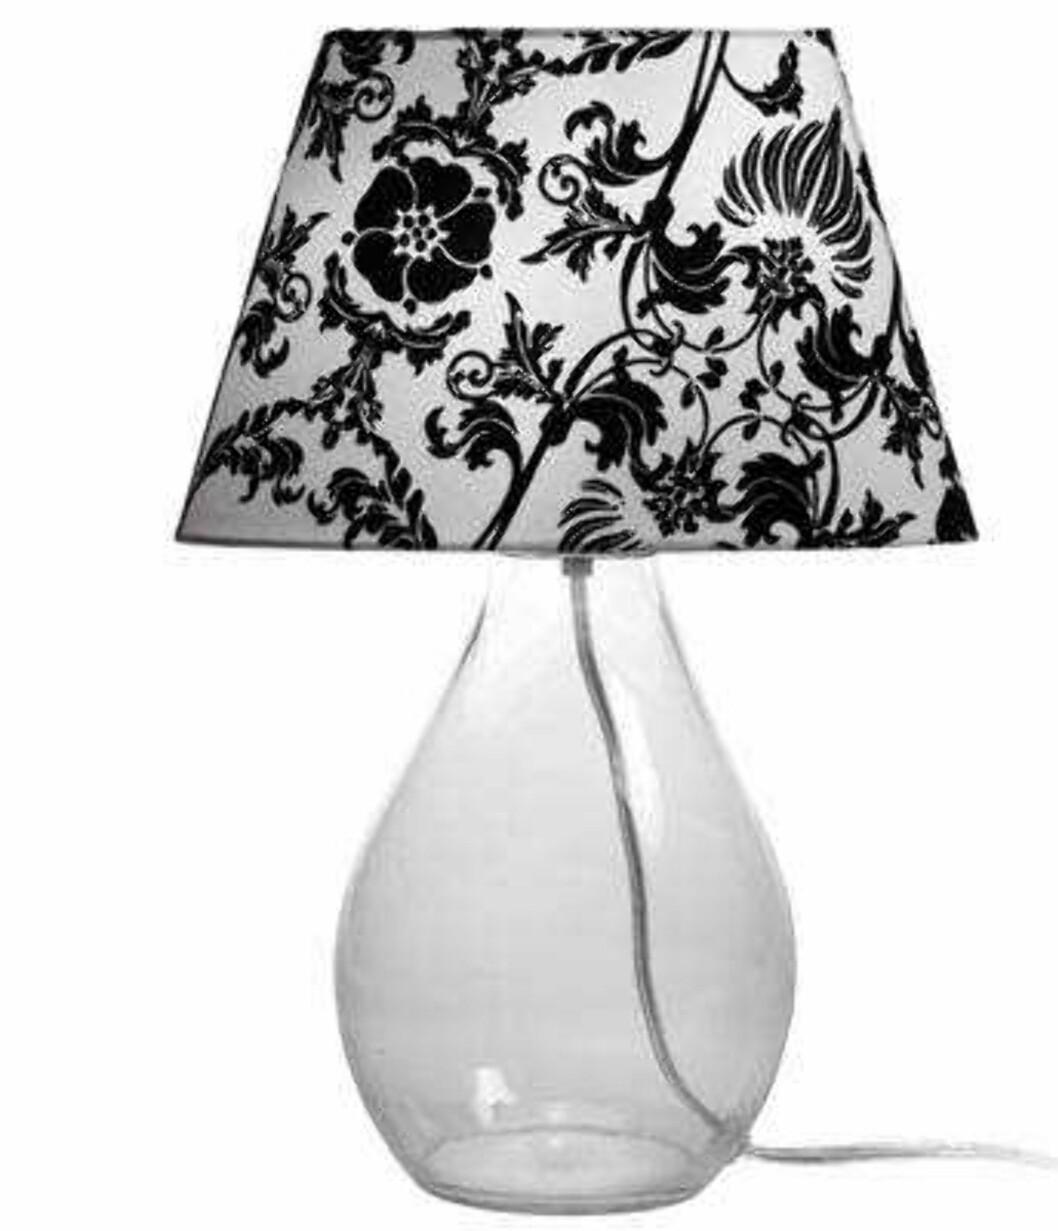 Lampe med grafisk blomstermønster (ca kr 155, Åhlens).